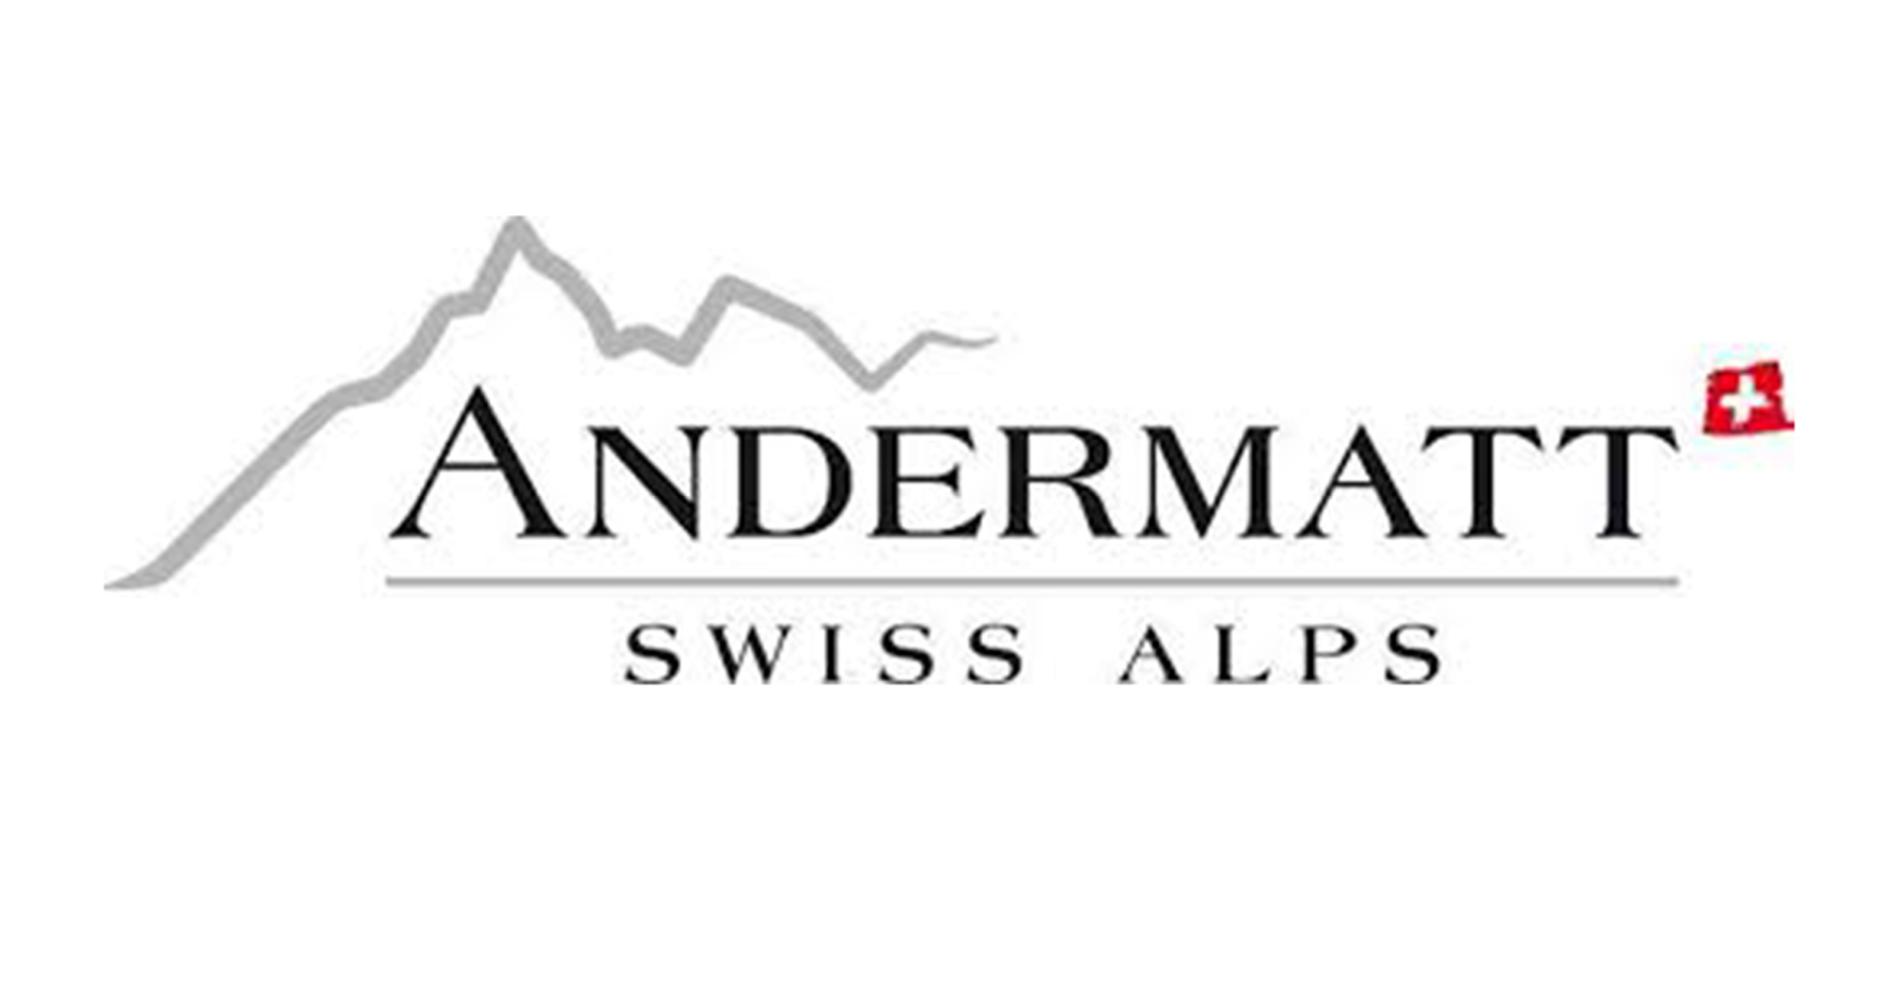 Andermatt Swiss Alps Logo